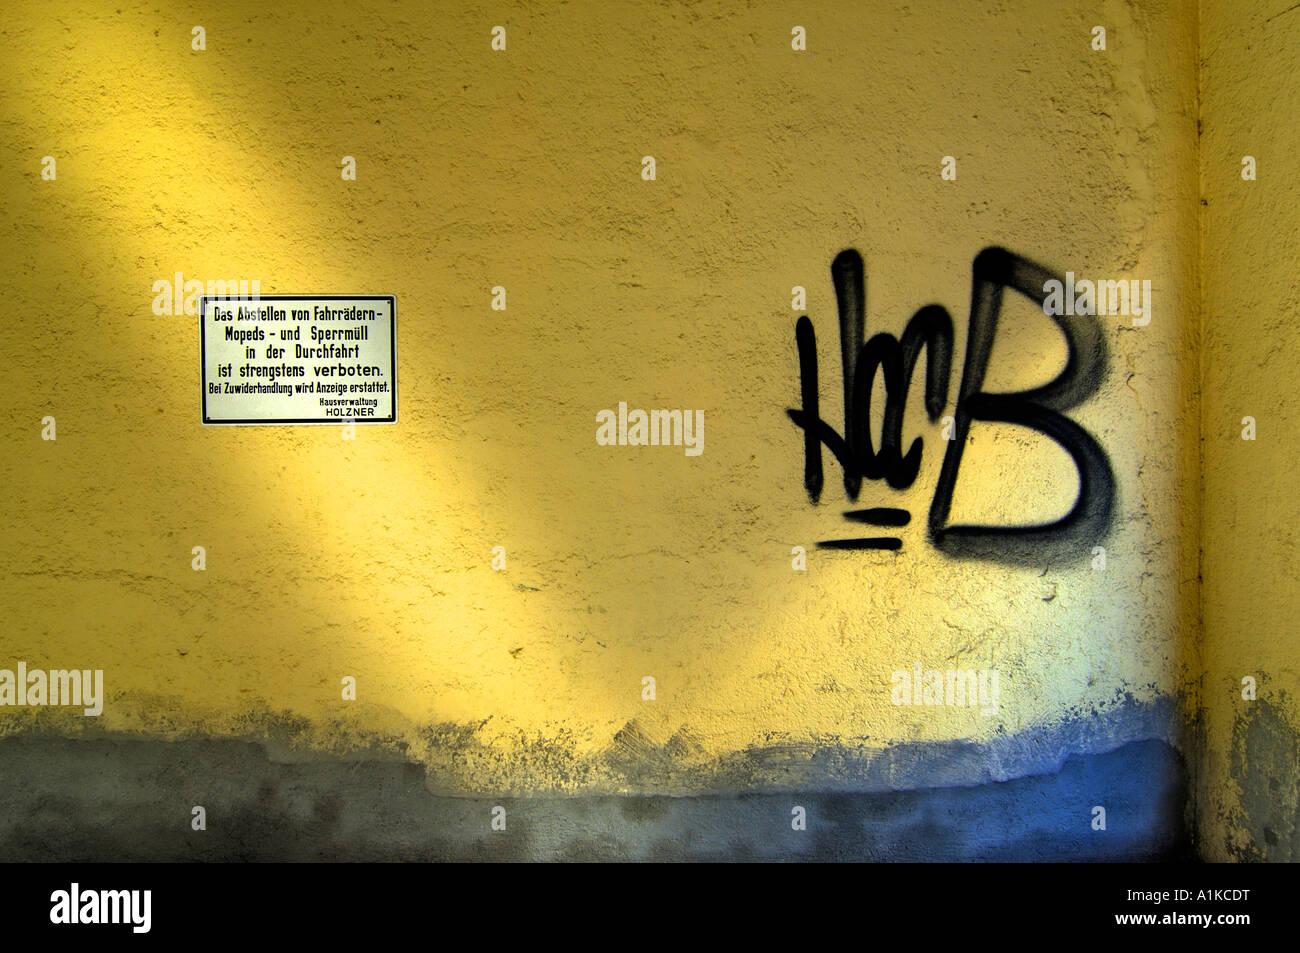 Hinterhof Mit Graffiti Schwabing Munchen Bayern